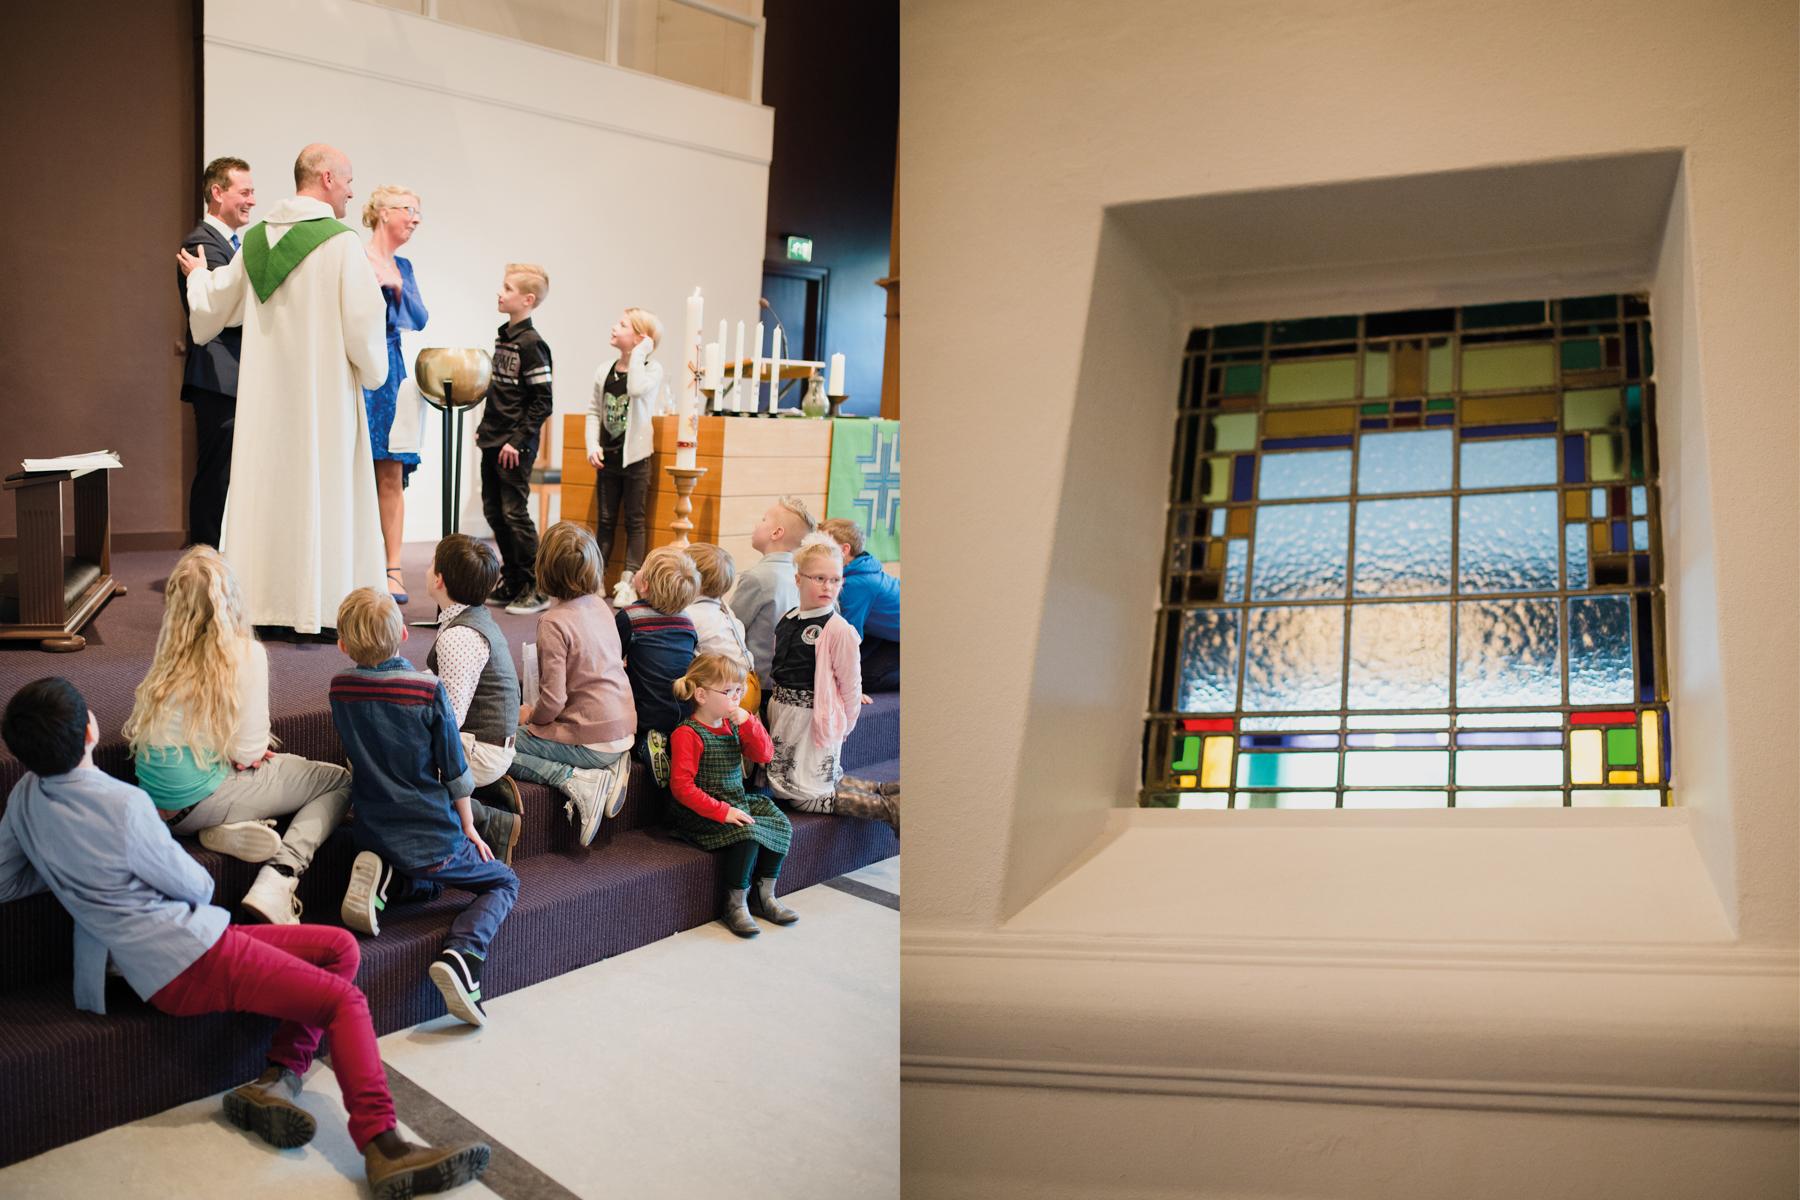 Fotografie van doop, belijdenis en trouwdienst van Janine en Arjen (44 van 55)